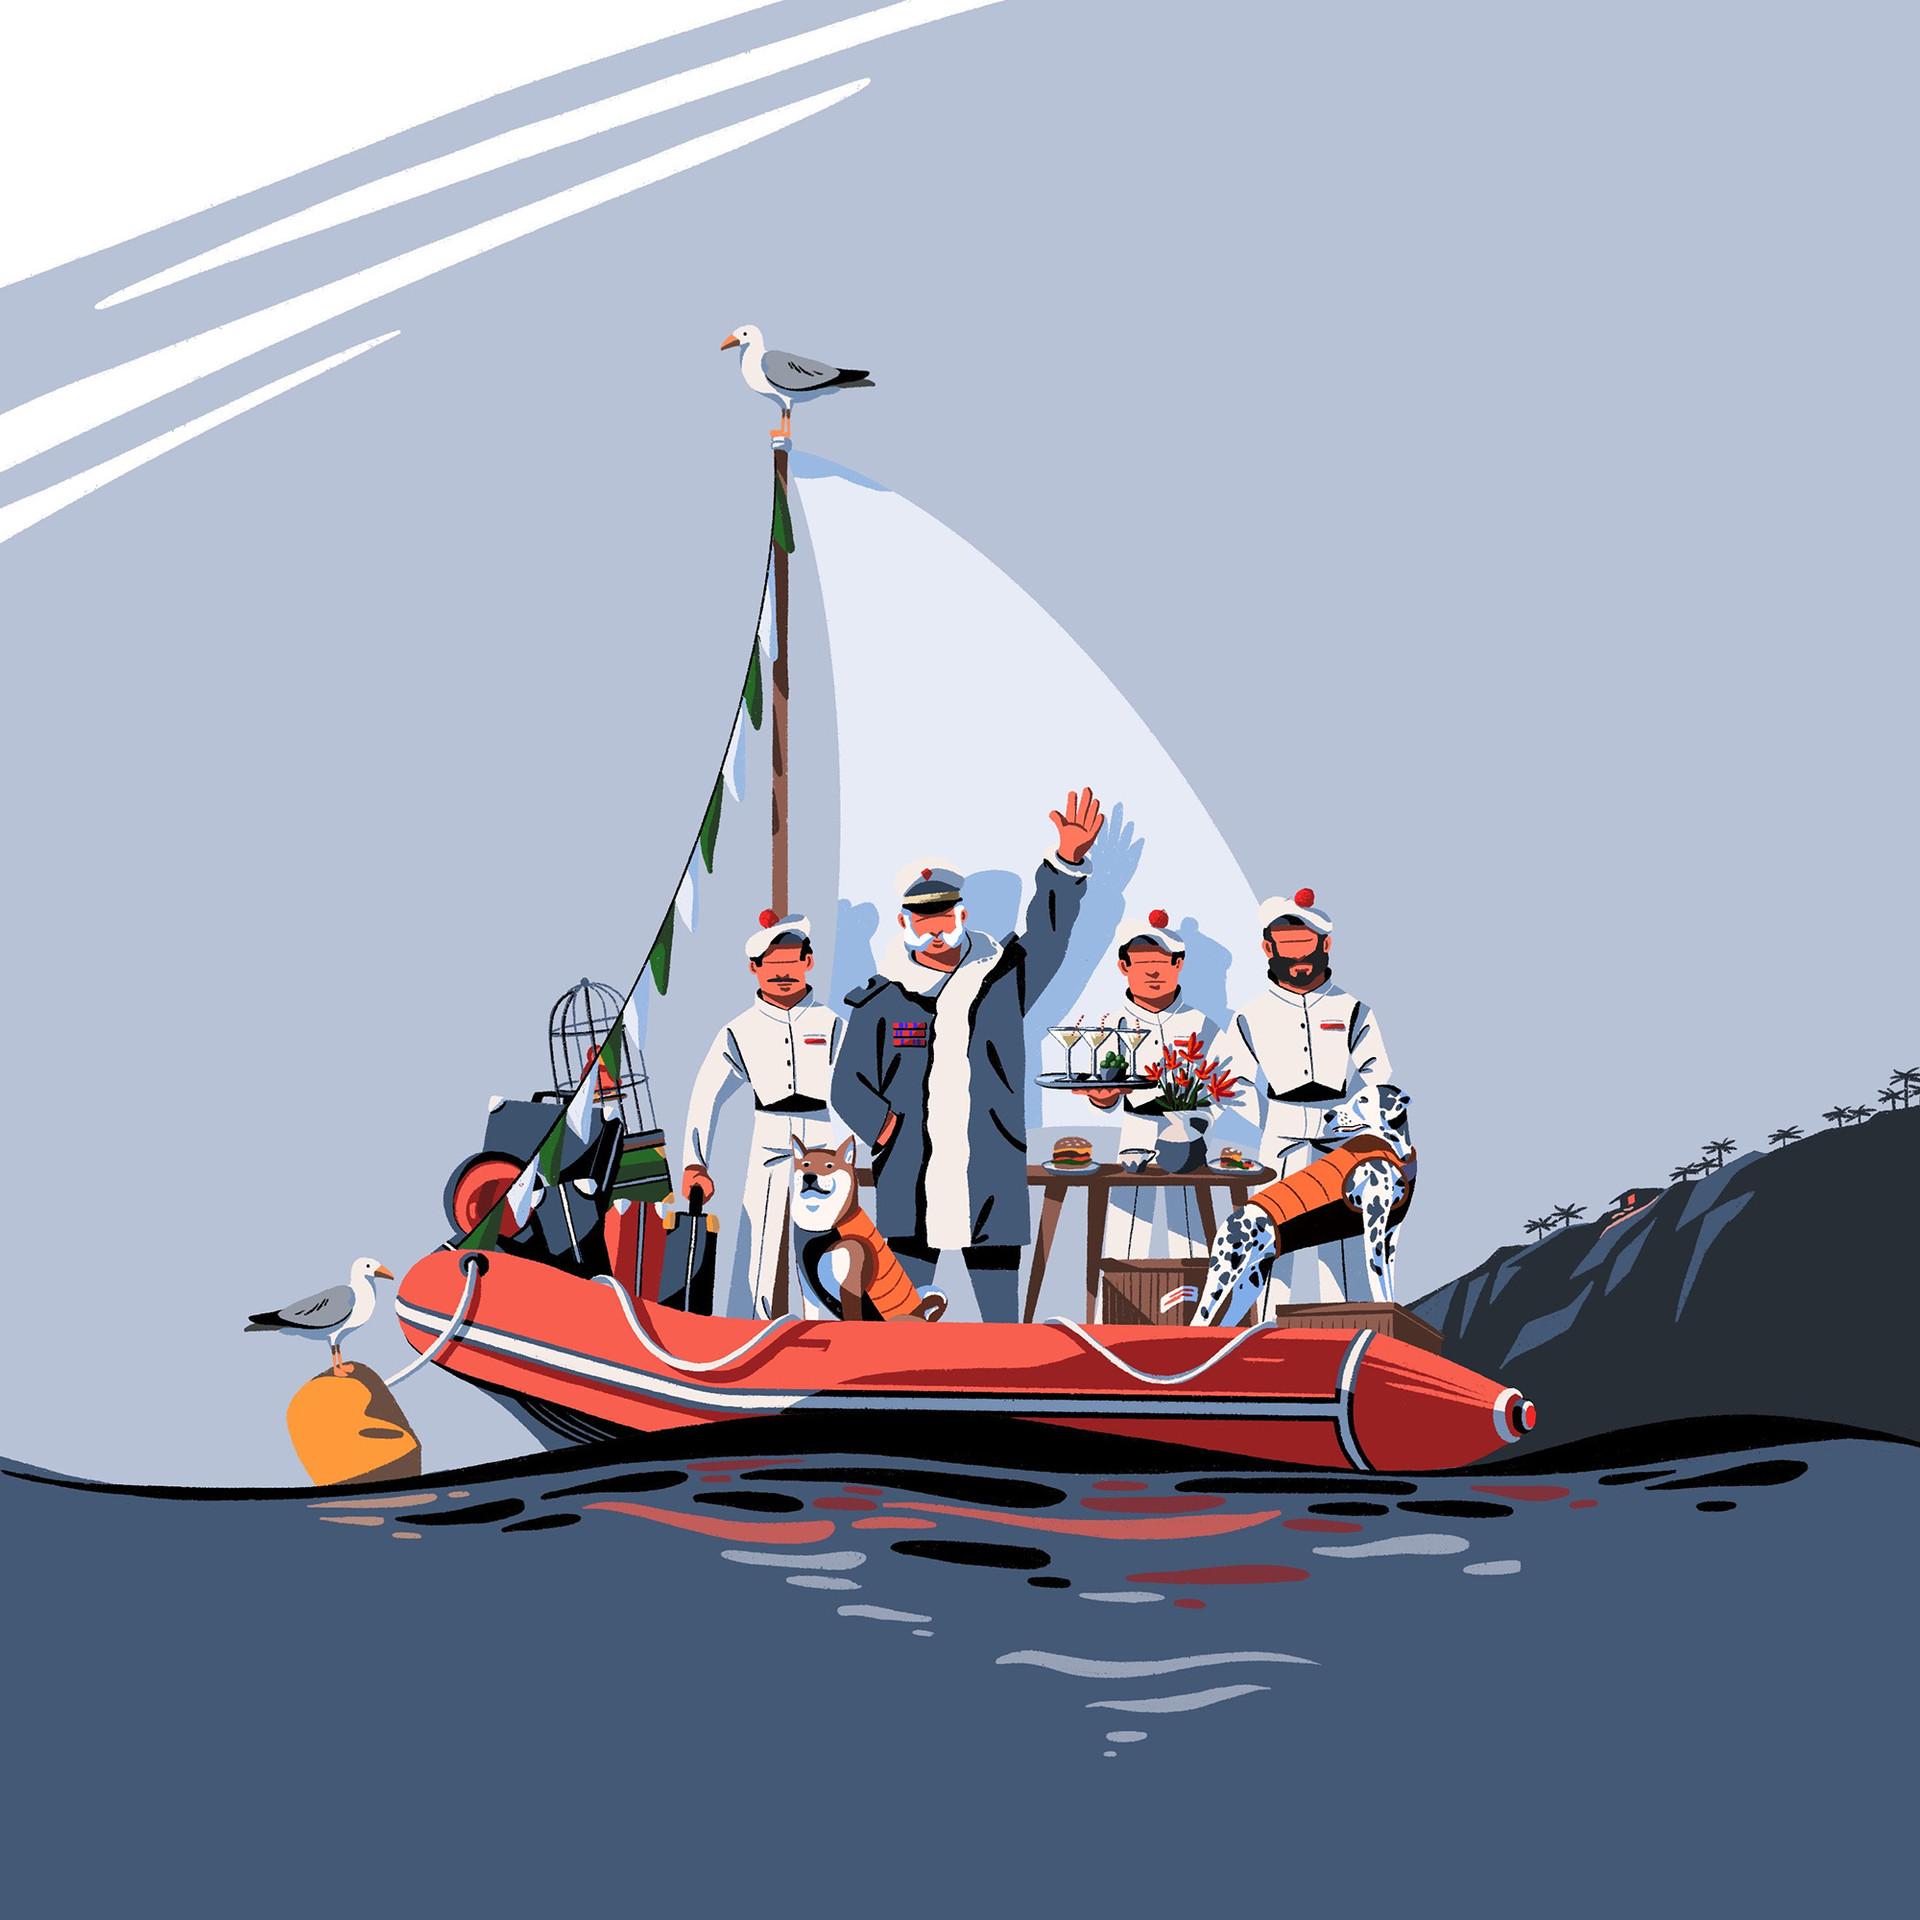 The queen's Navy